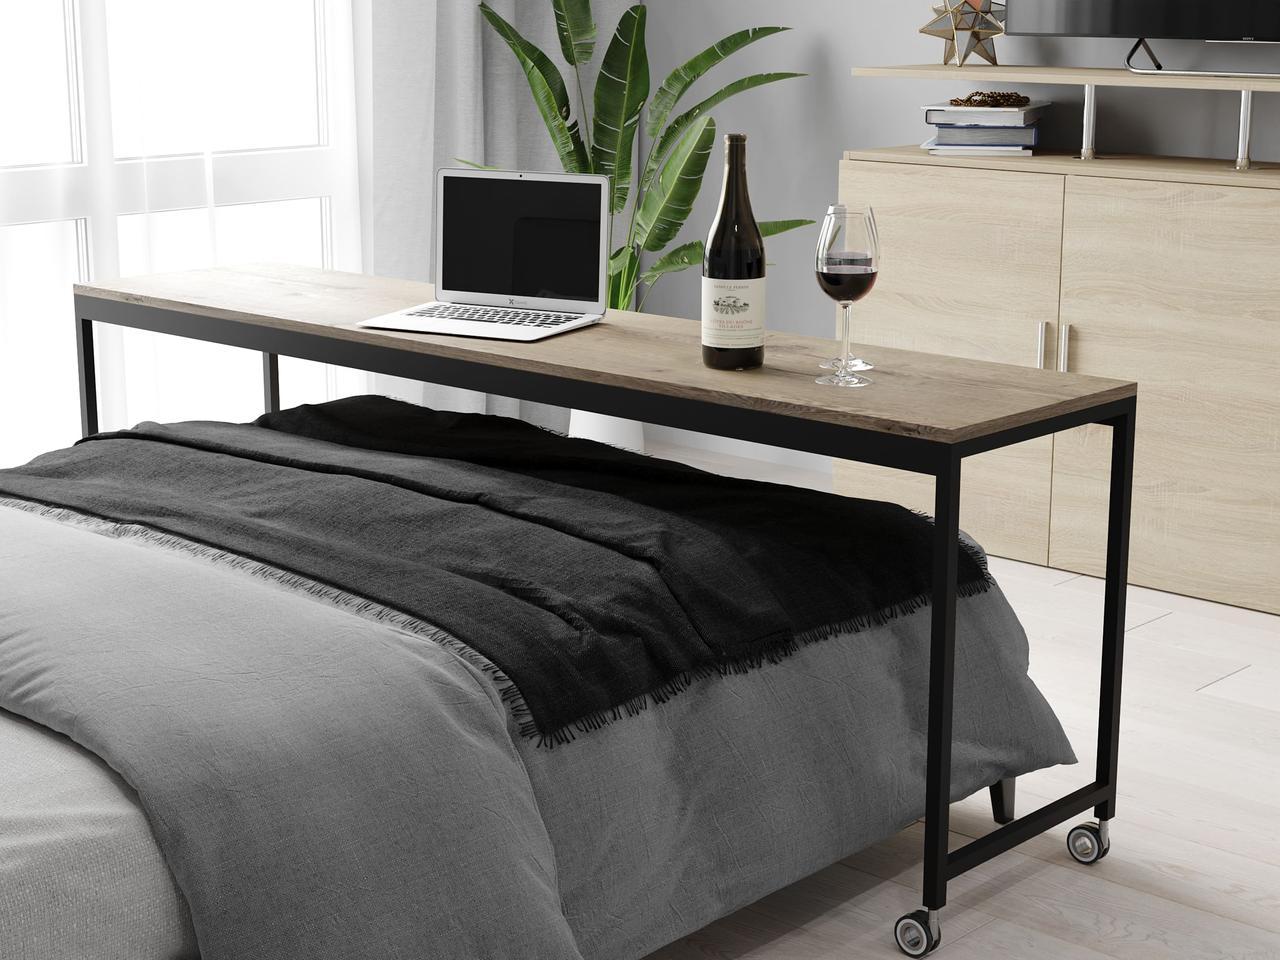 Приставной журнальный столик к кровати в стиле лофт из ДСП. КОД: VZ-54